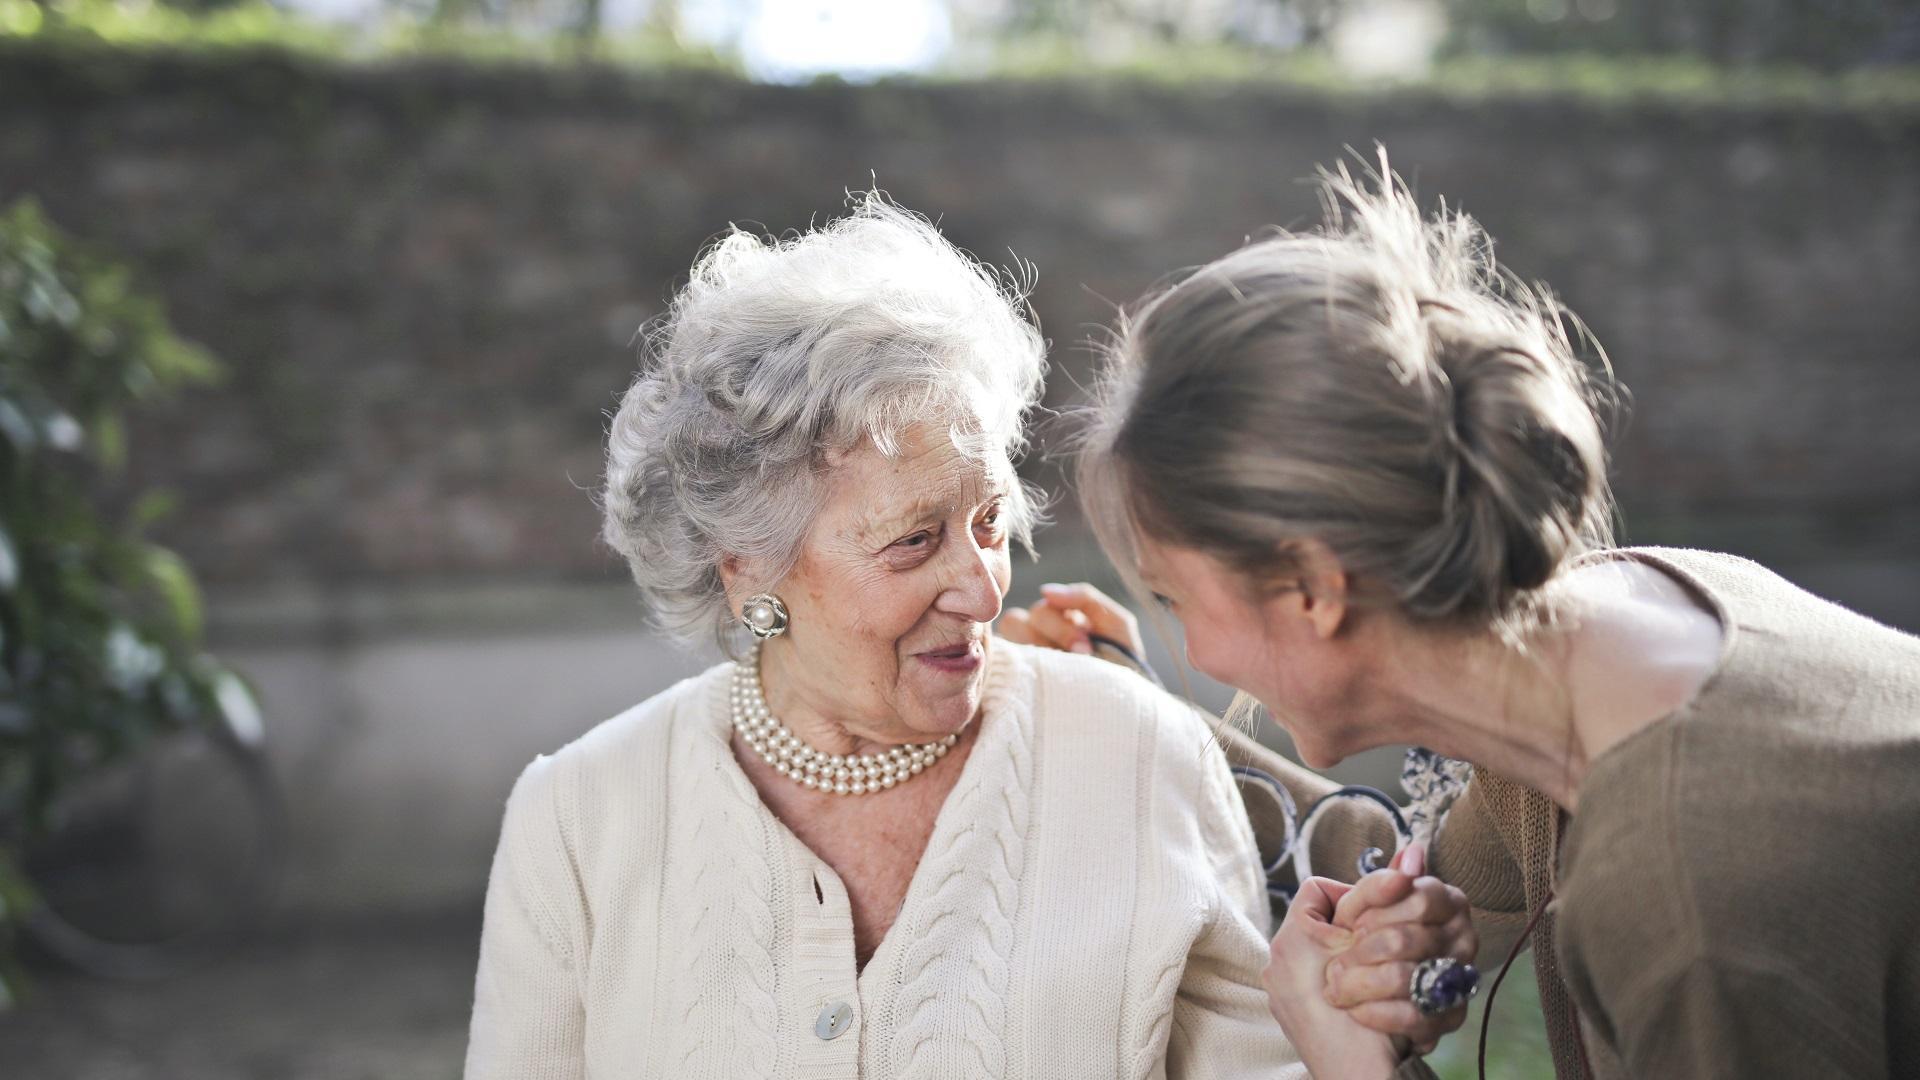 Prefiero en Casa, el cuidado que merecen nuestros mayores